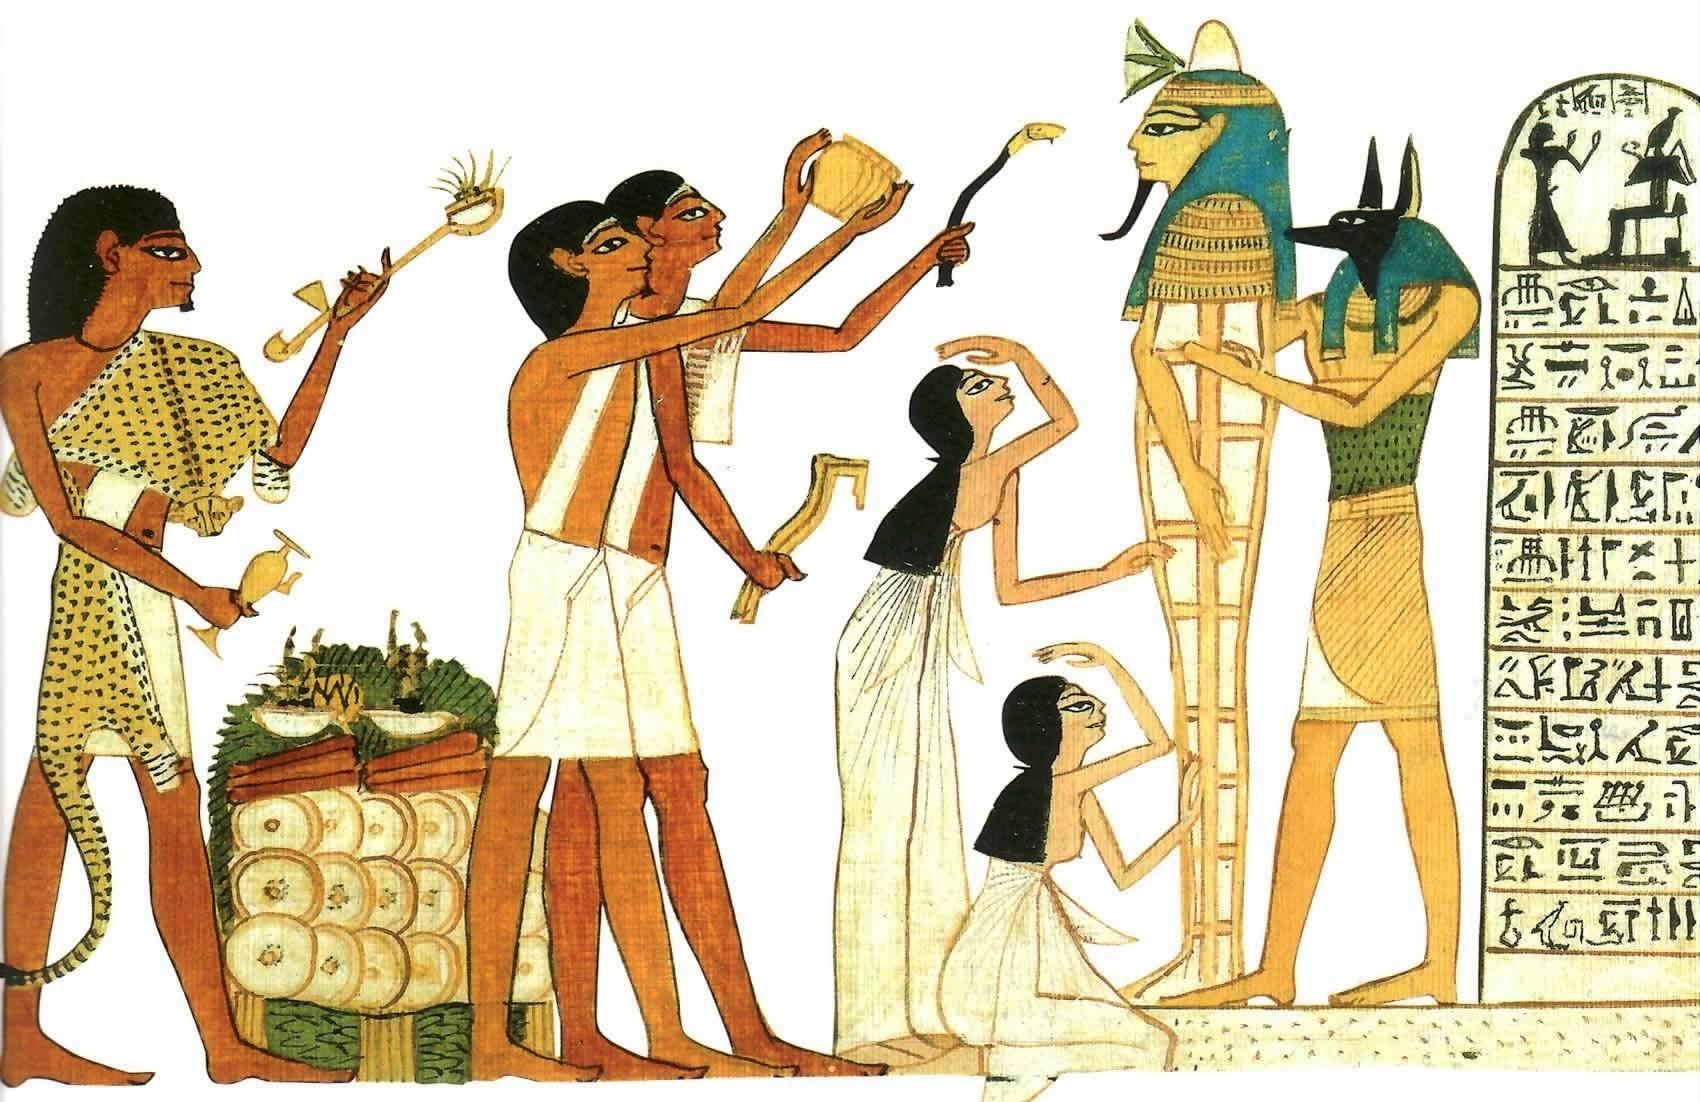 古代エジプト展 第2章 冥界の旅  旅立ちの儀式-(1)_c0011649_827376.jpg